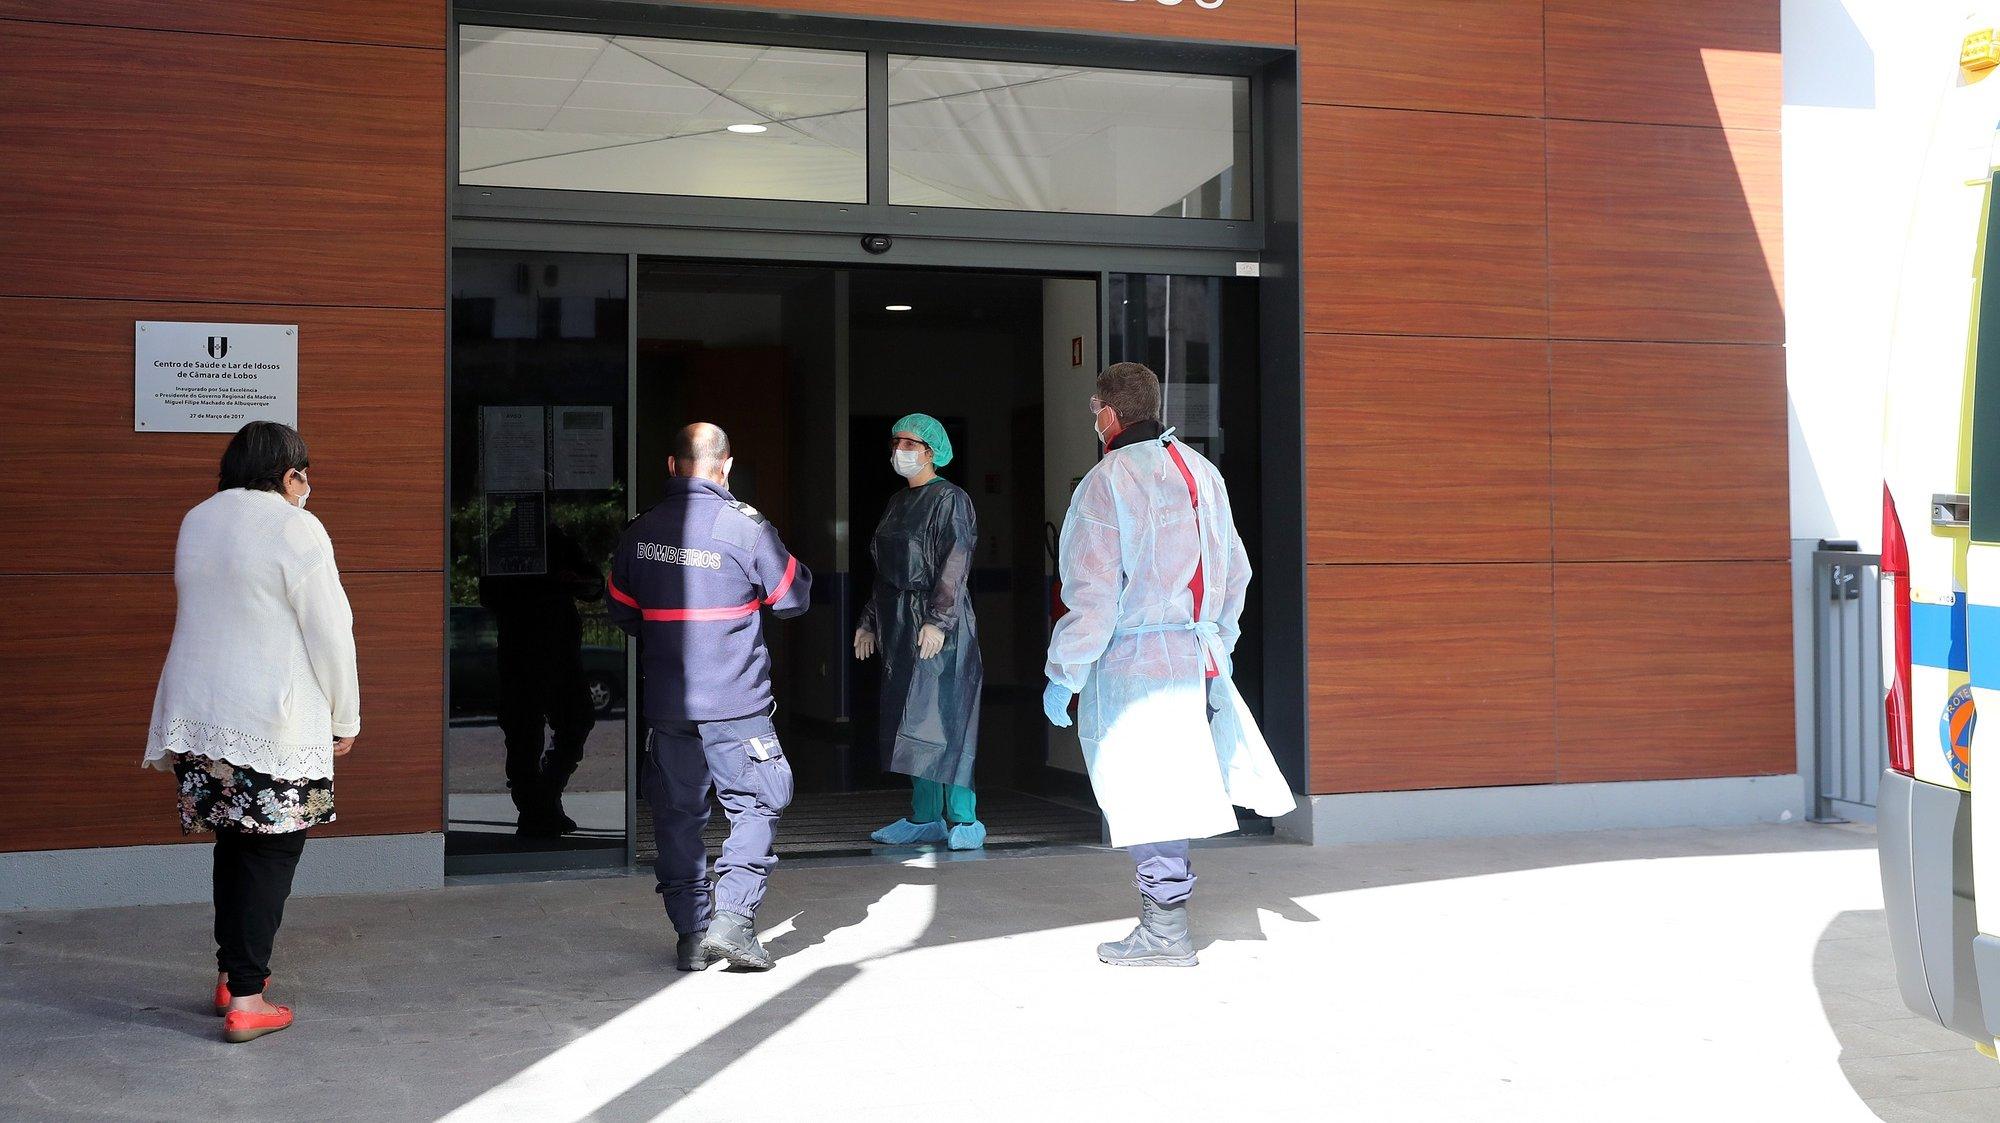 Idosa aguarda à entrada do Centro de Saúde de Câmara de Lobos, pela chamada para atendimento, após ter surgido o aumento de casos de pessoas infetadas pela covid-19 na Freguesia de Câmara de Lobos, obrigando o Governo Regional da Madeira a decretar uma cerca sanitária a esta freguesia, para conter a propagação do vírus, Câmara de Lobos, Ilha da Madeira, 19 de abril de 2020. HOMEM DE GOUVEIA/LUSA